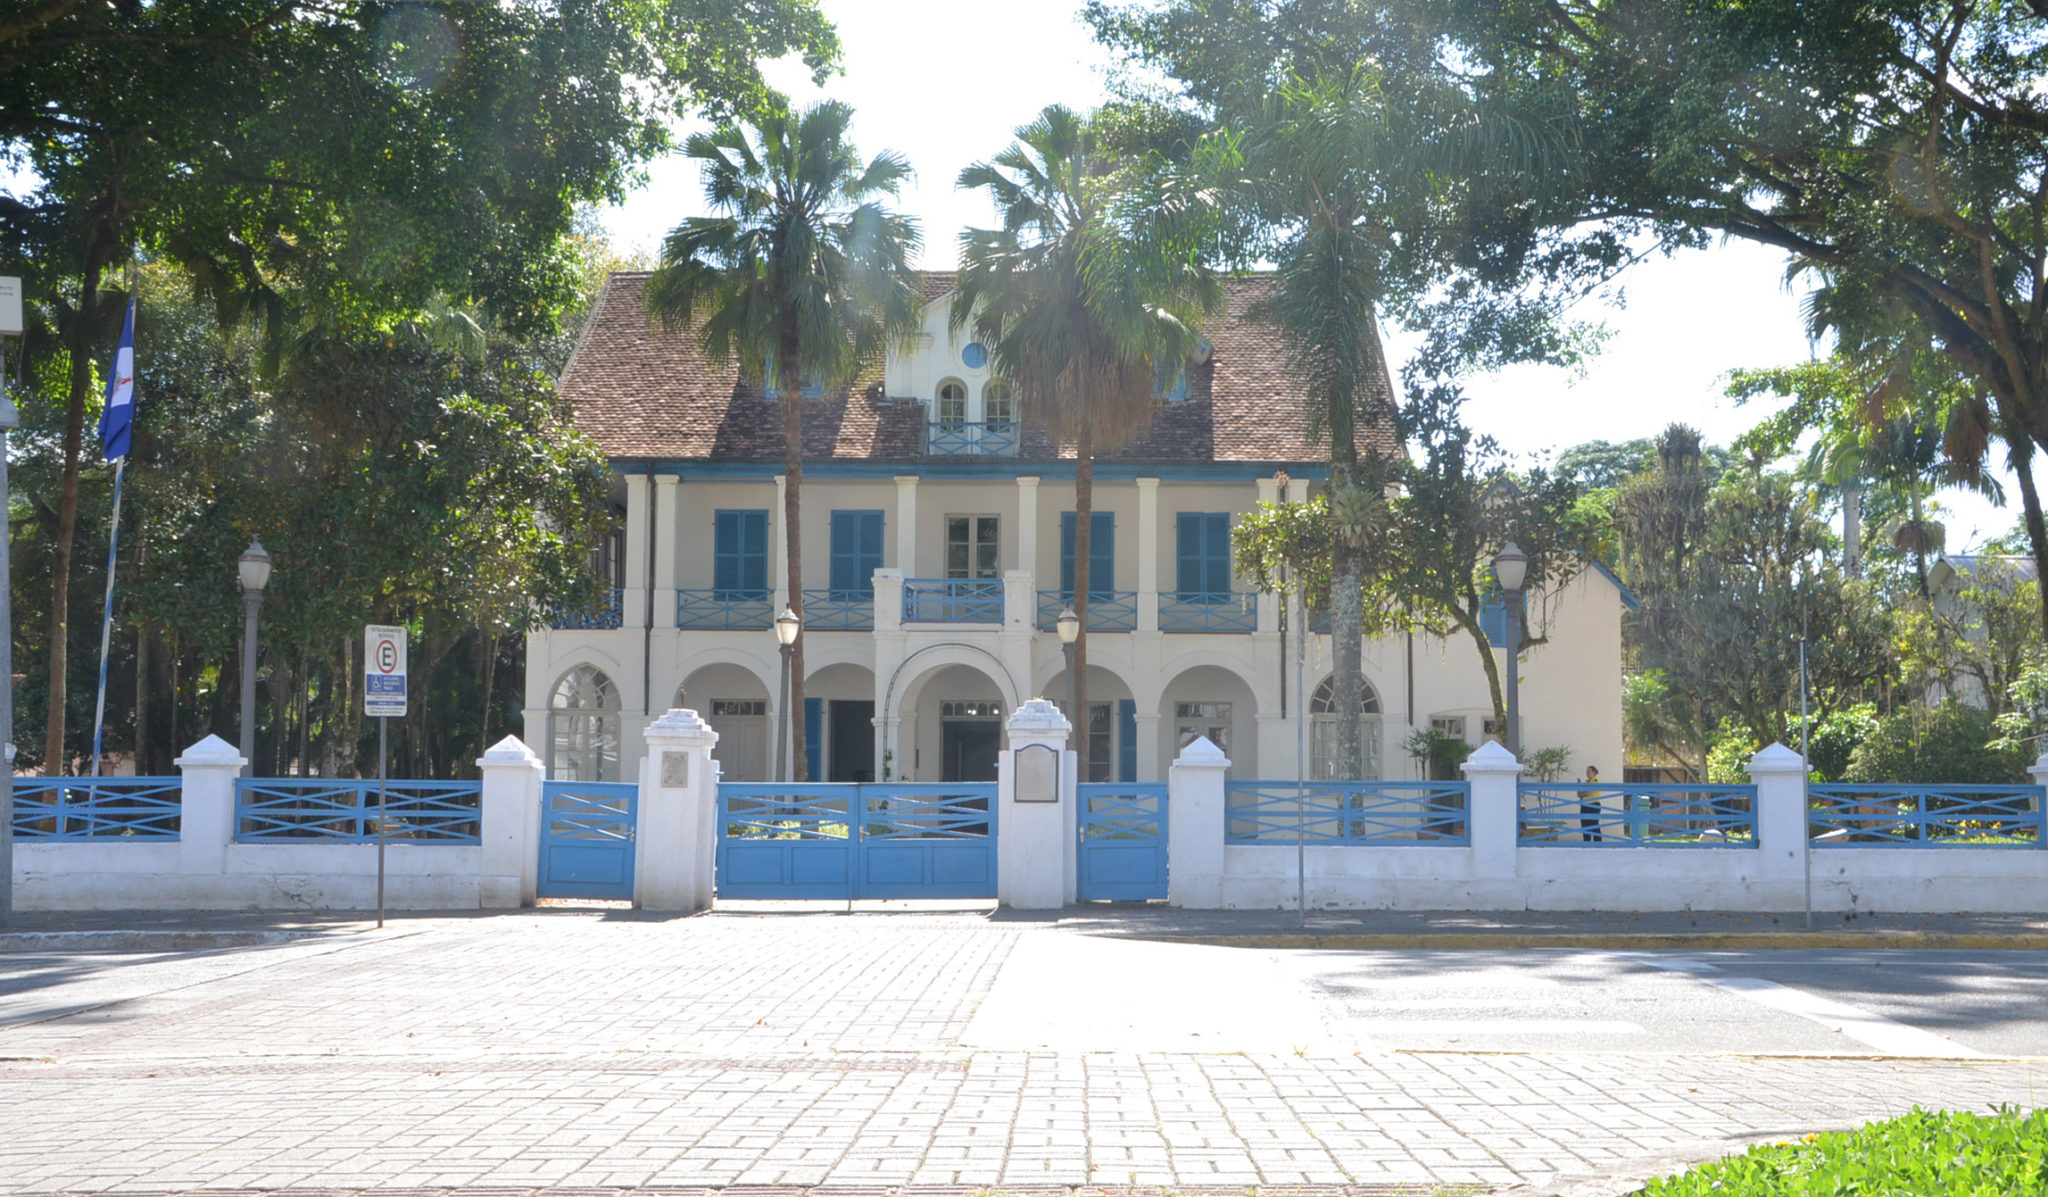 Museu Nacional da Imigração e Colonização em Joinville